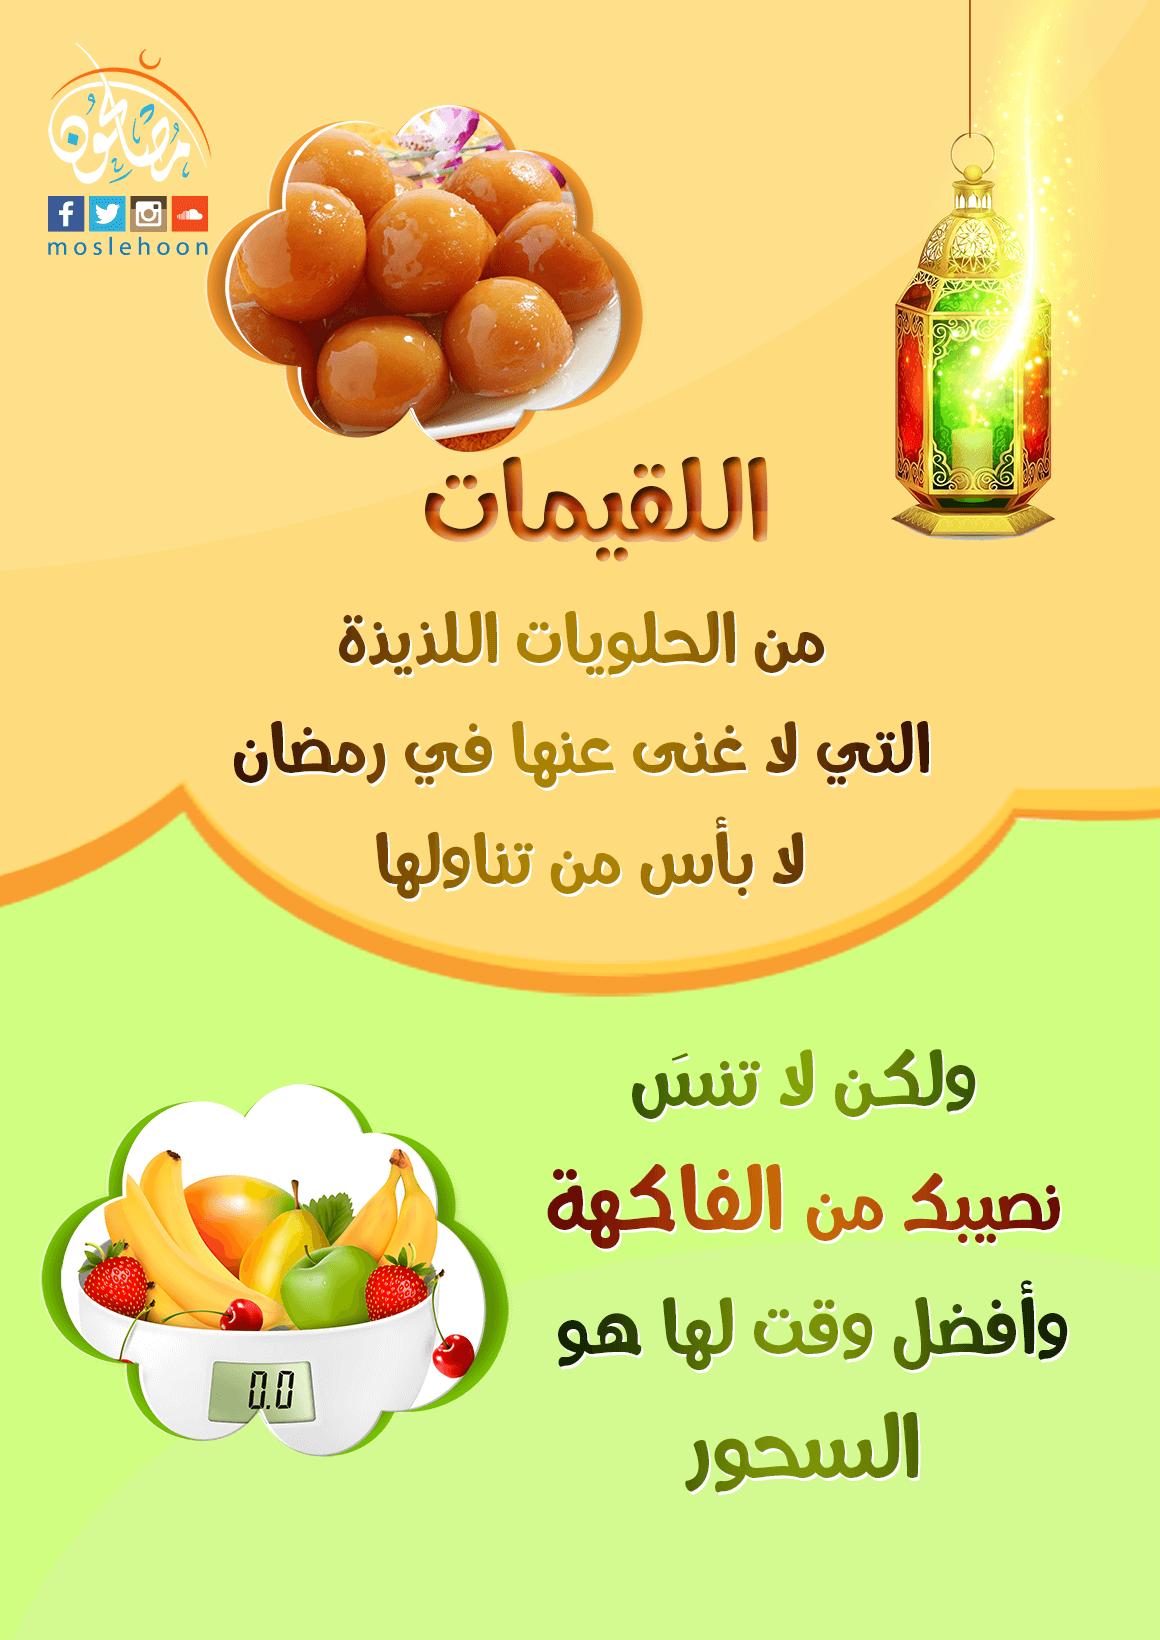 لا تنس نصيبك من الفاكهة في رمضان